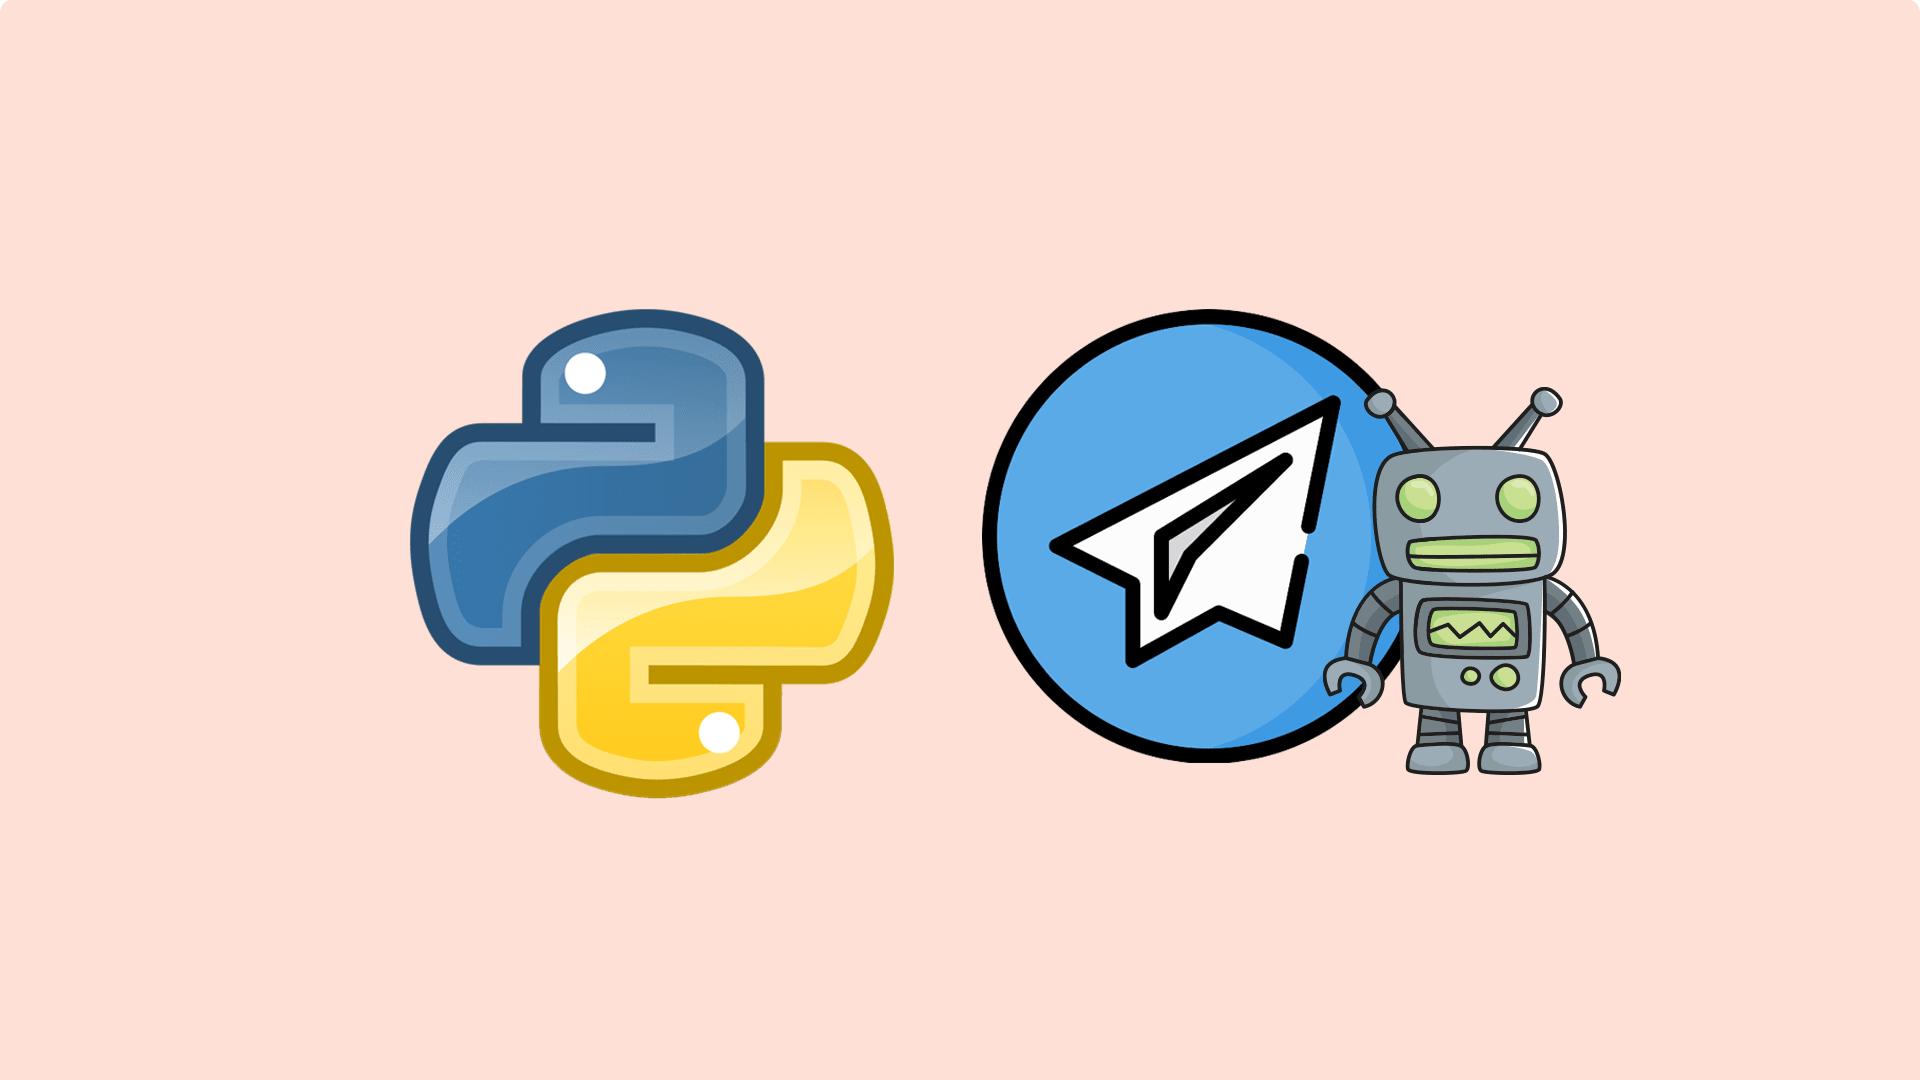 ساخت ربات های cli تلگرام با پایتون (پروژه محور)